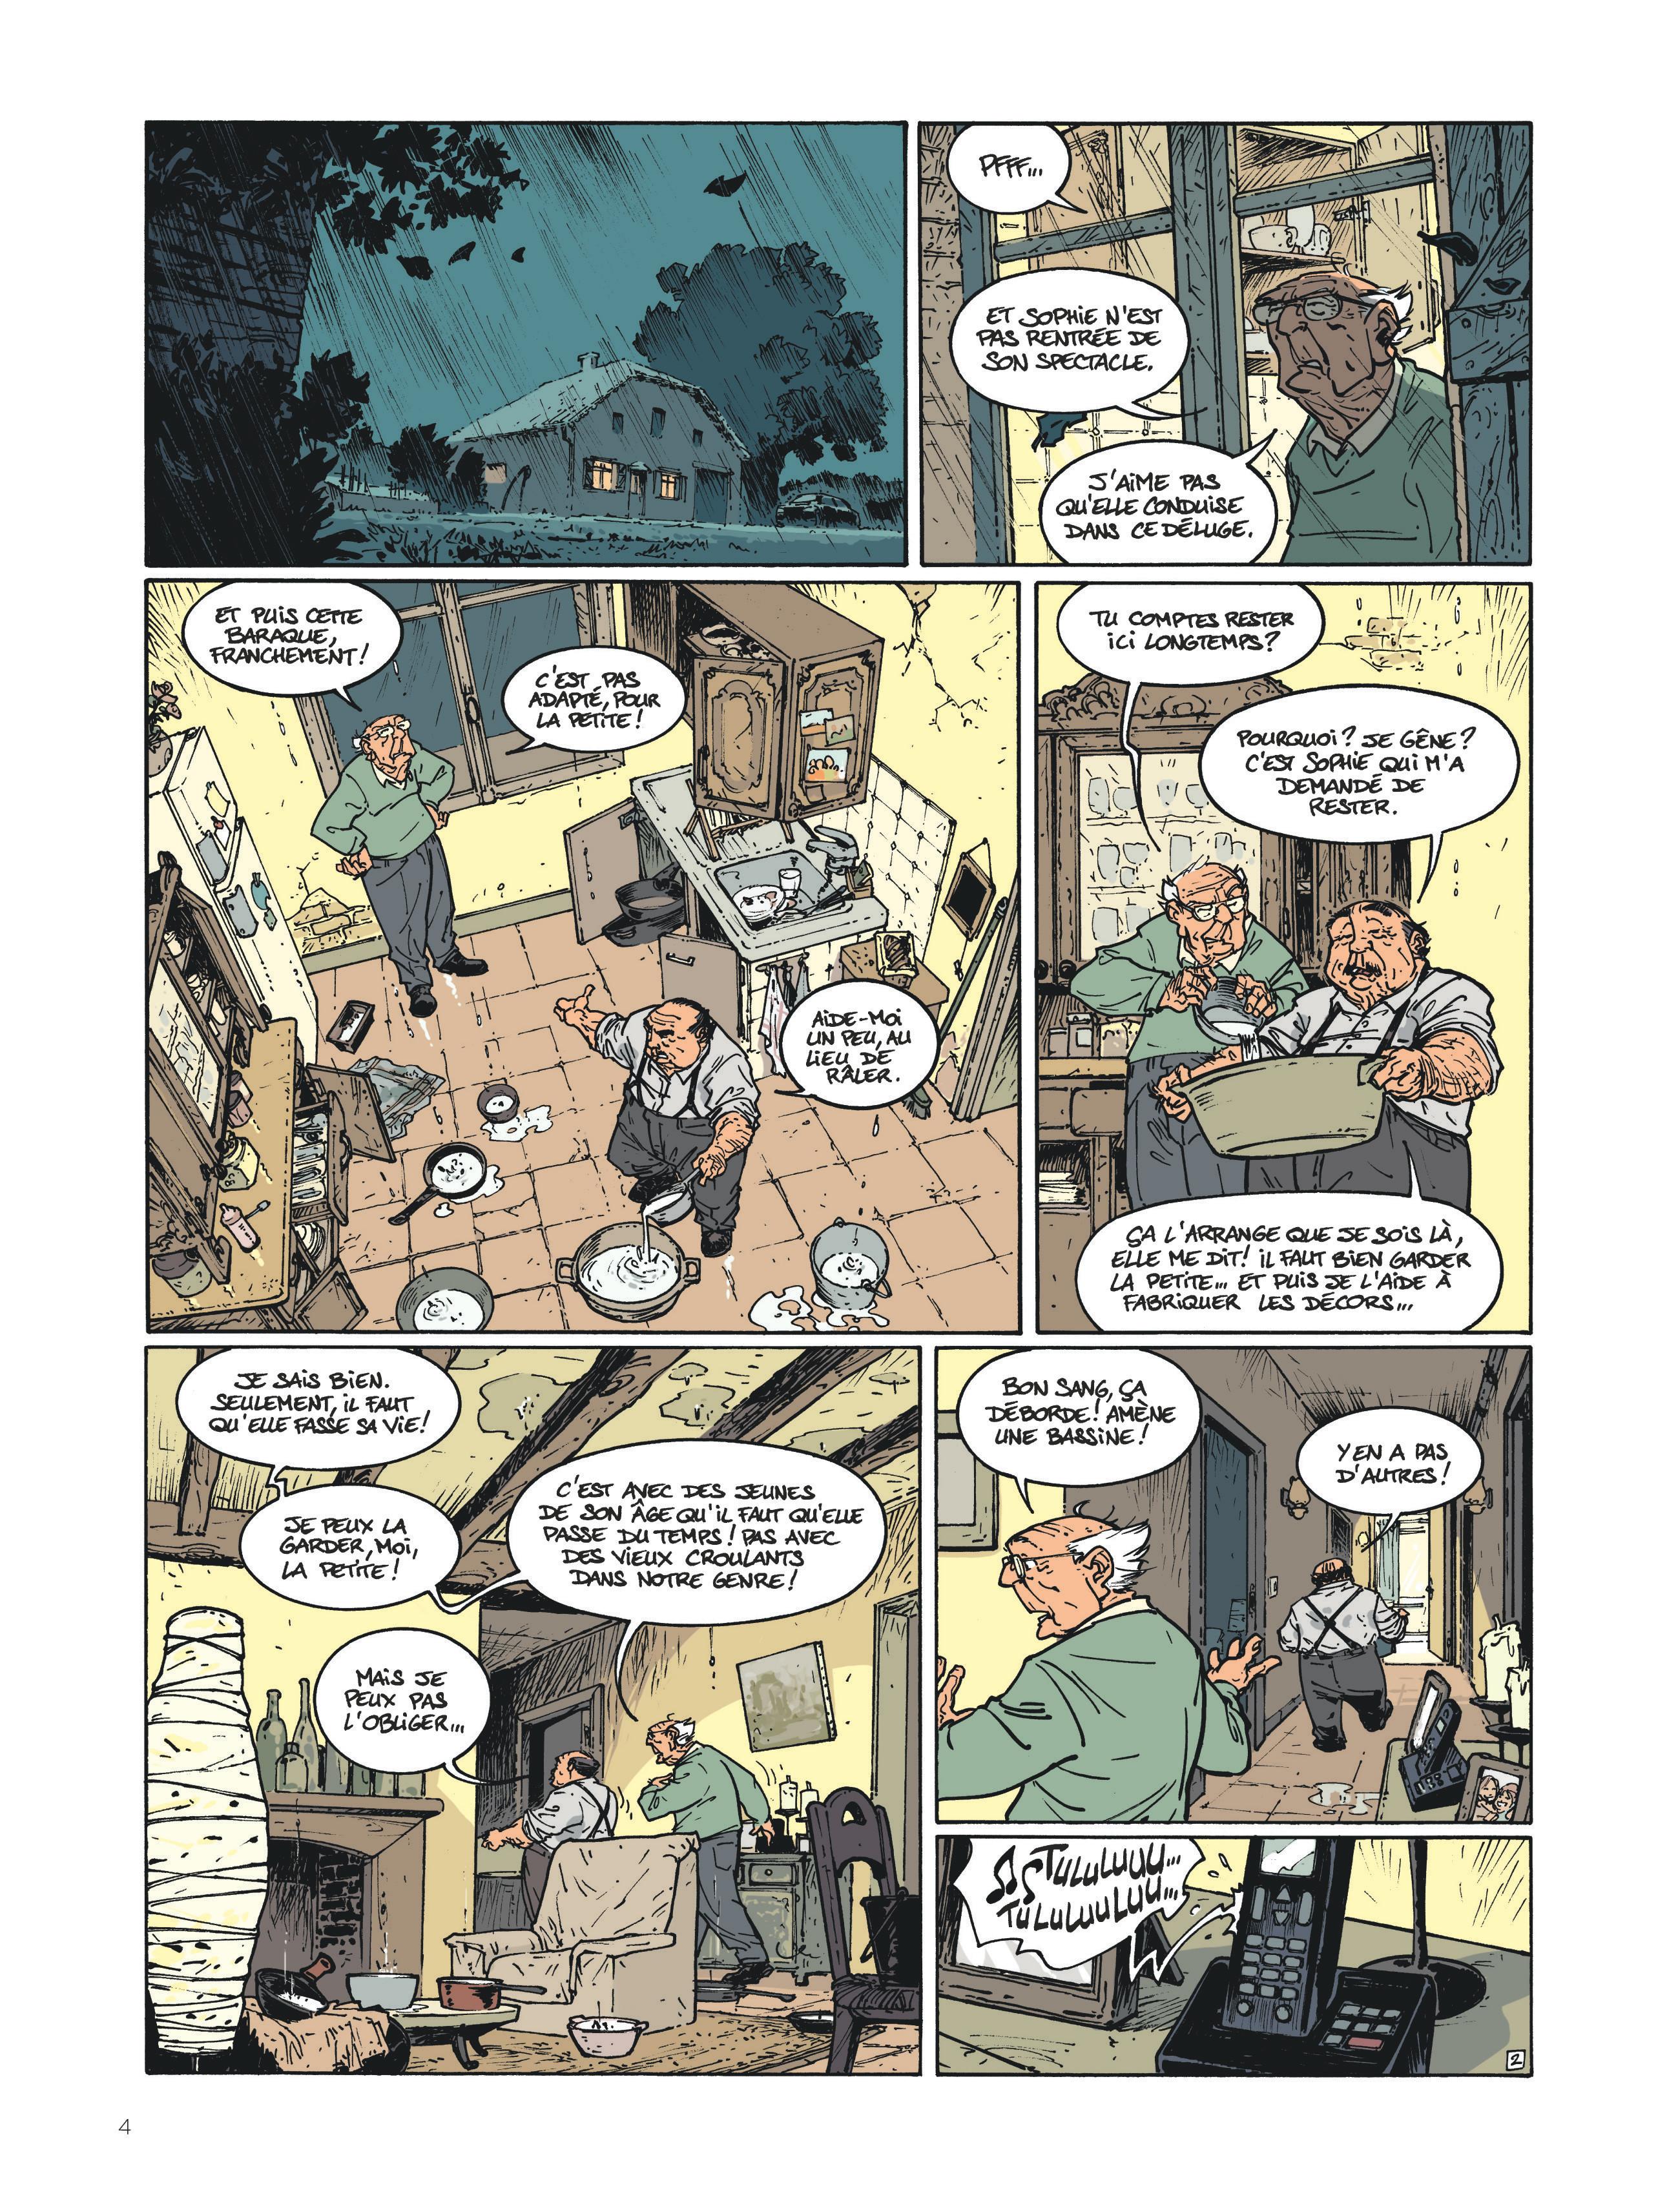 Les Vieux fourneaux #3 planche 2